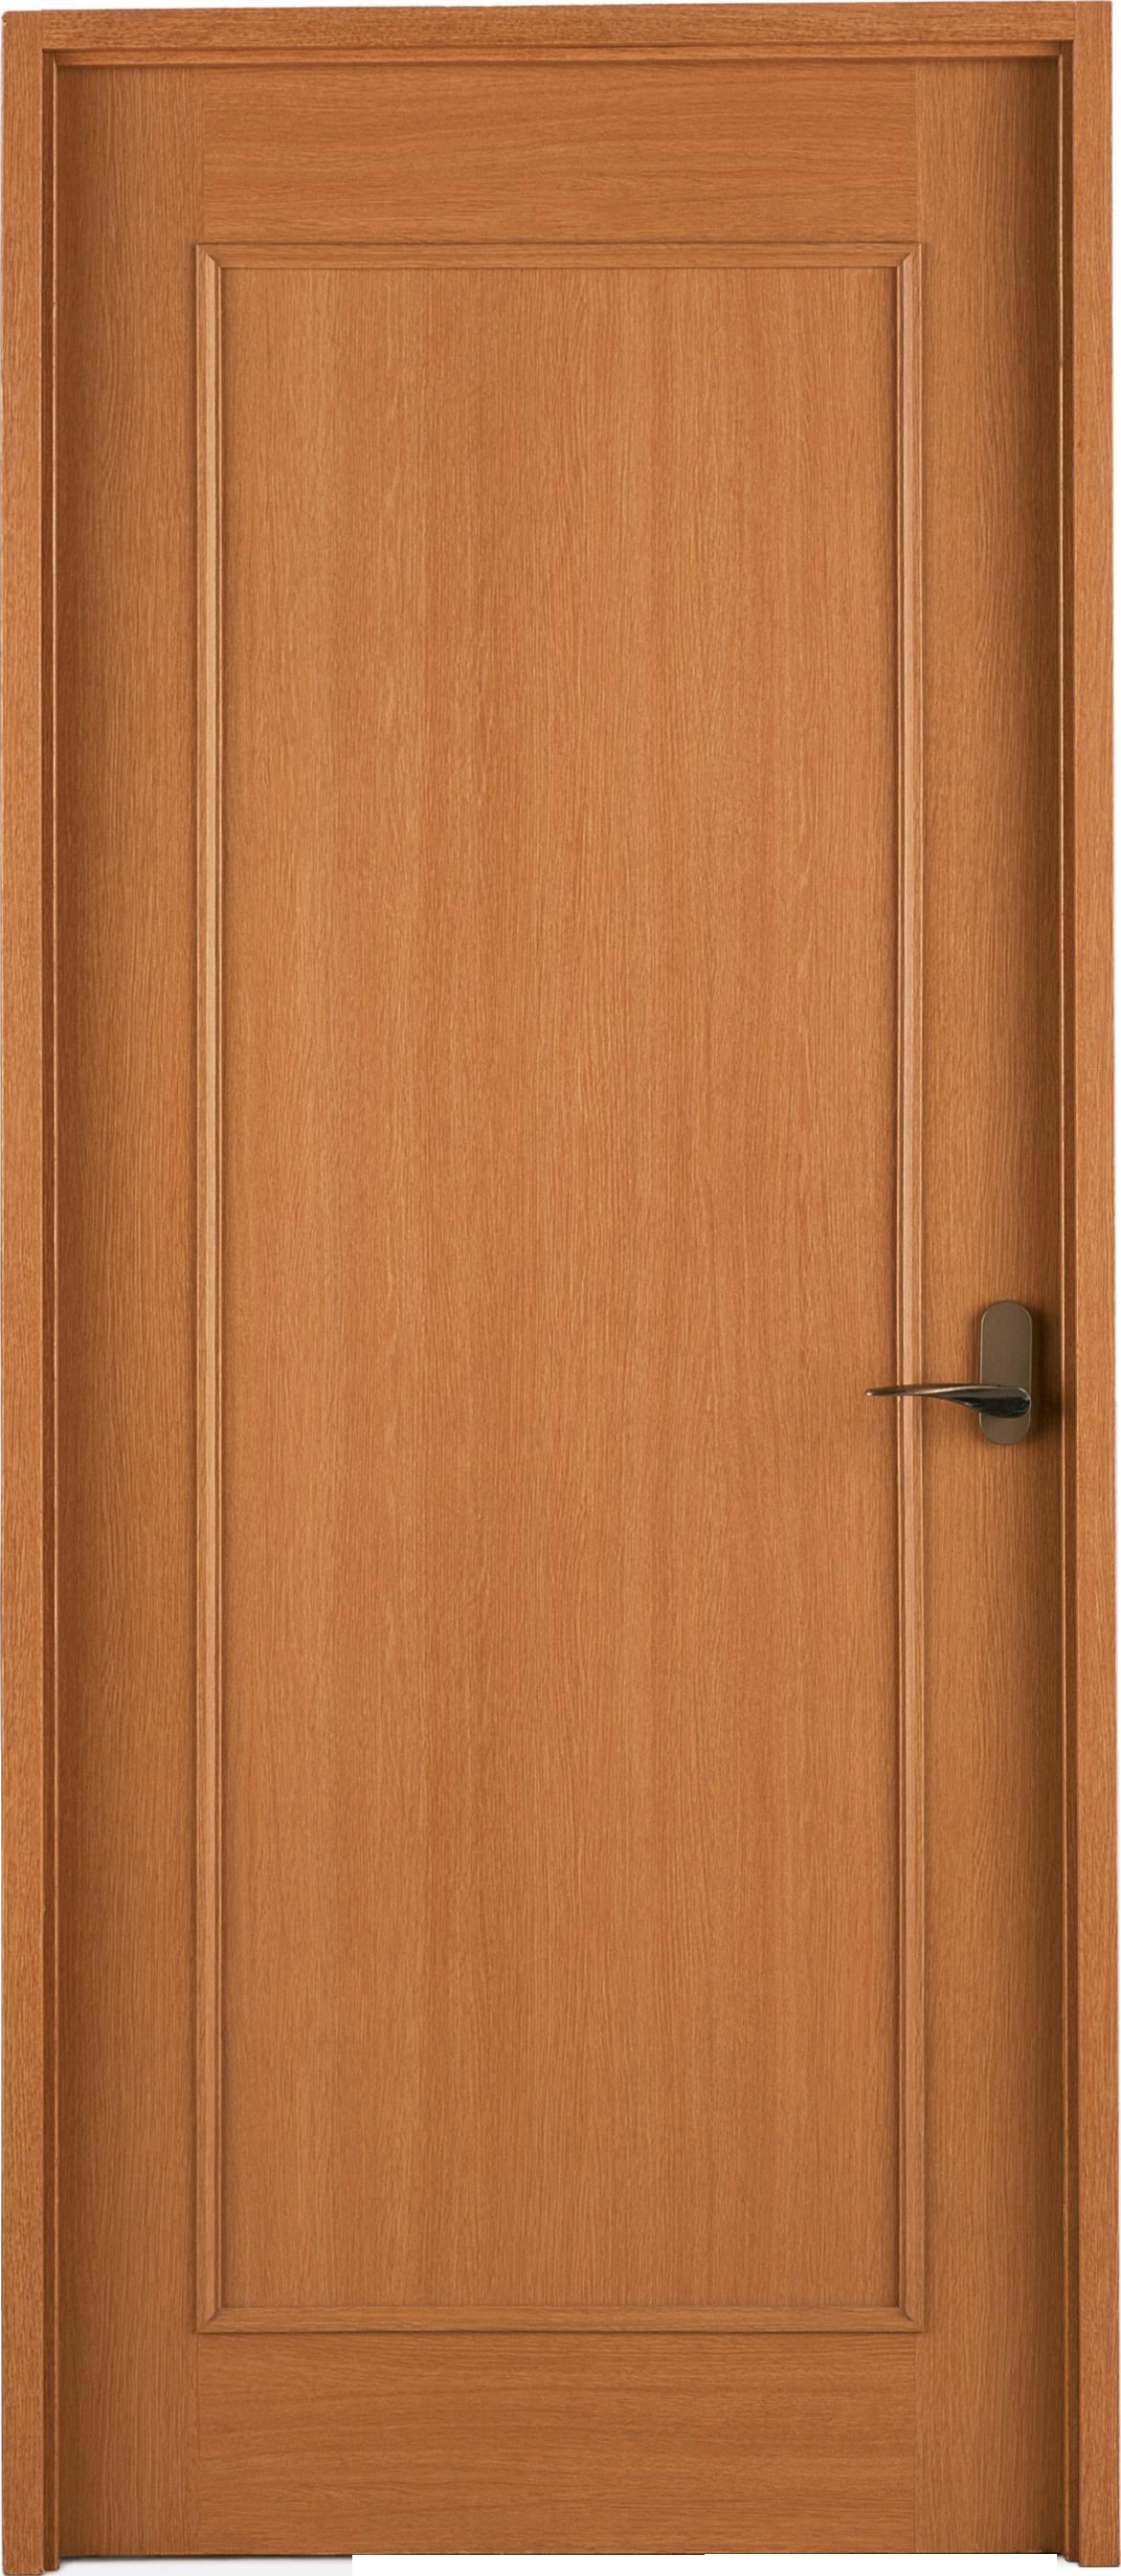 Деревянная дверь PNG